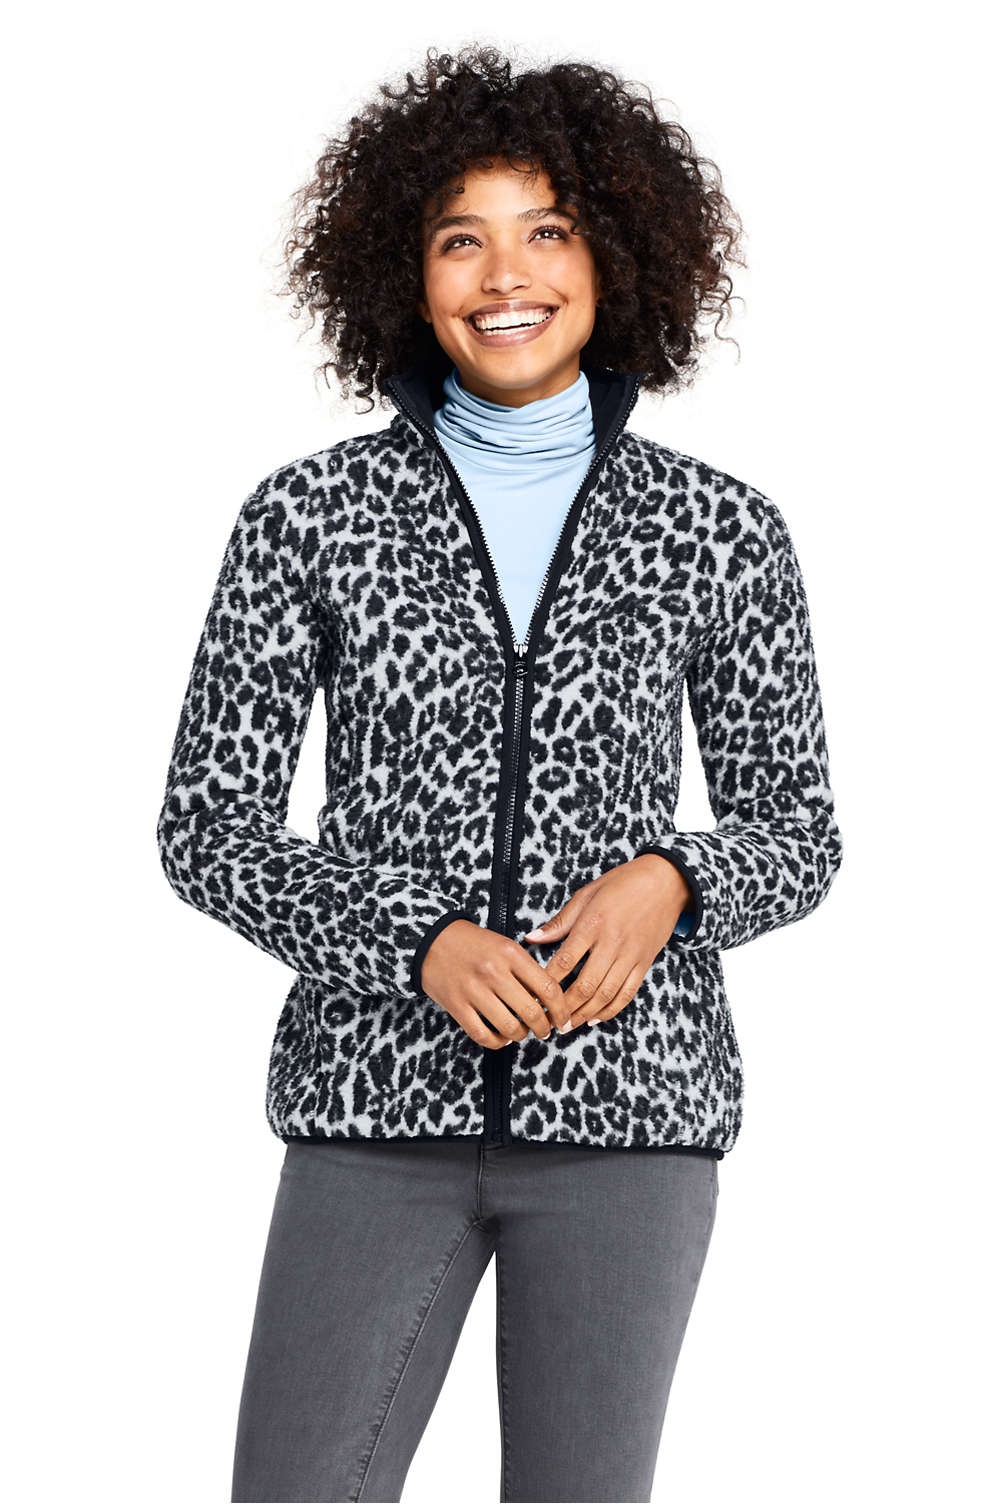 fae27d5a986 Women's Print Cozy Sherpa Fleece Jacket from Lands' End